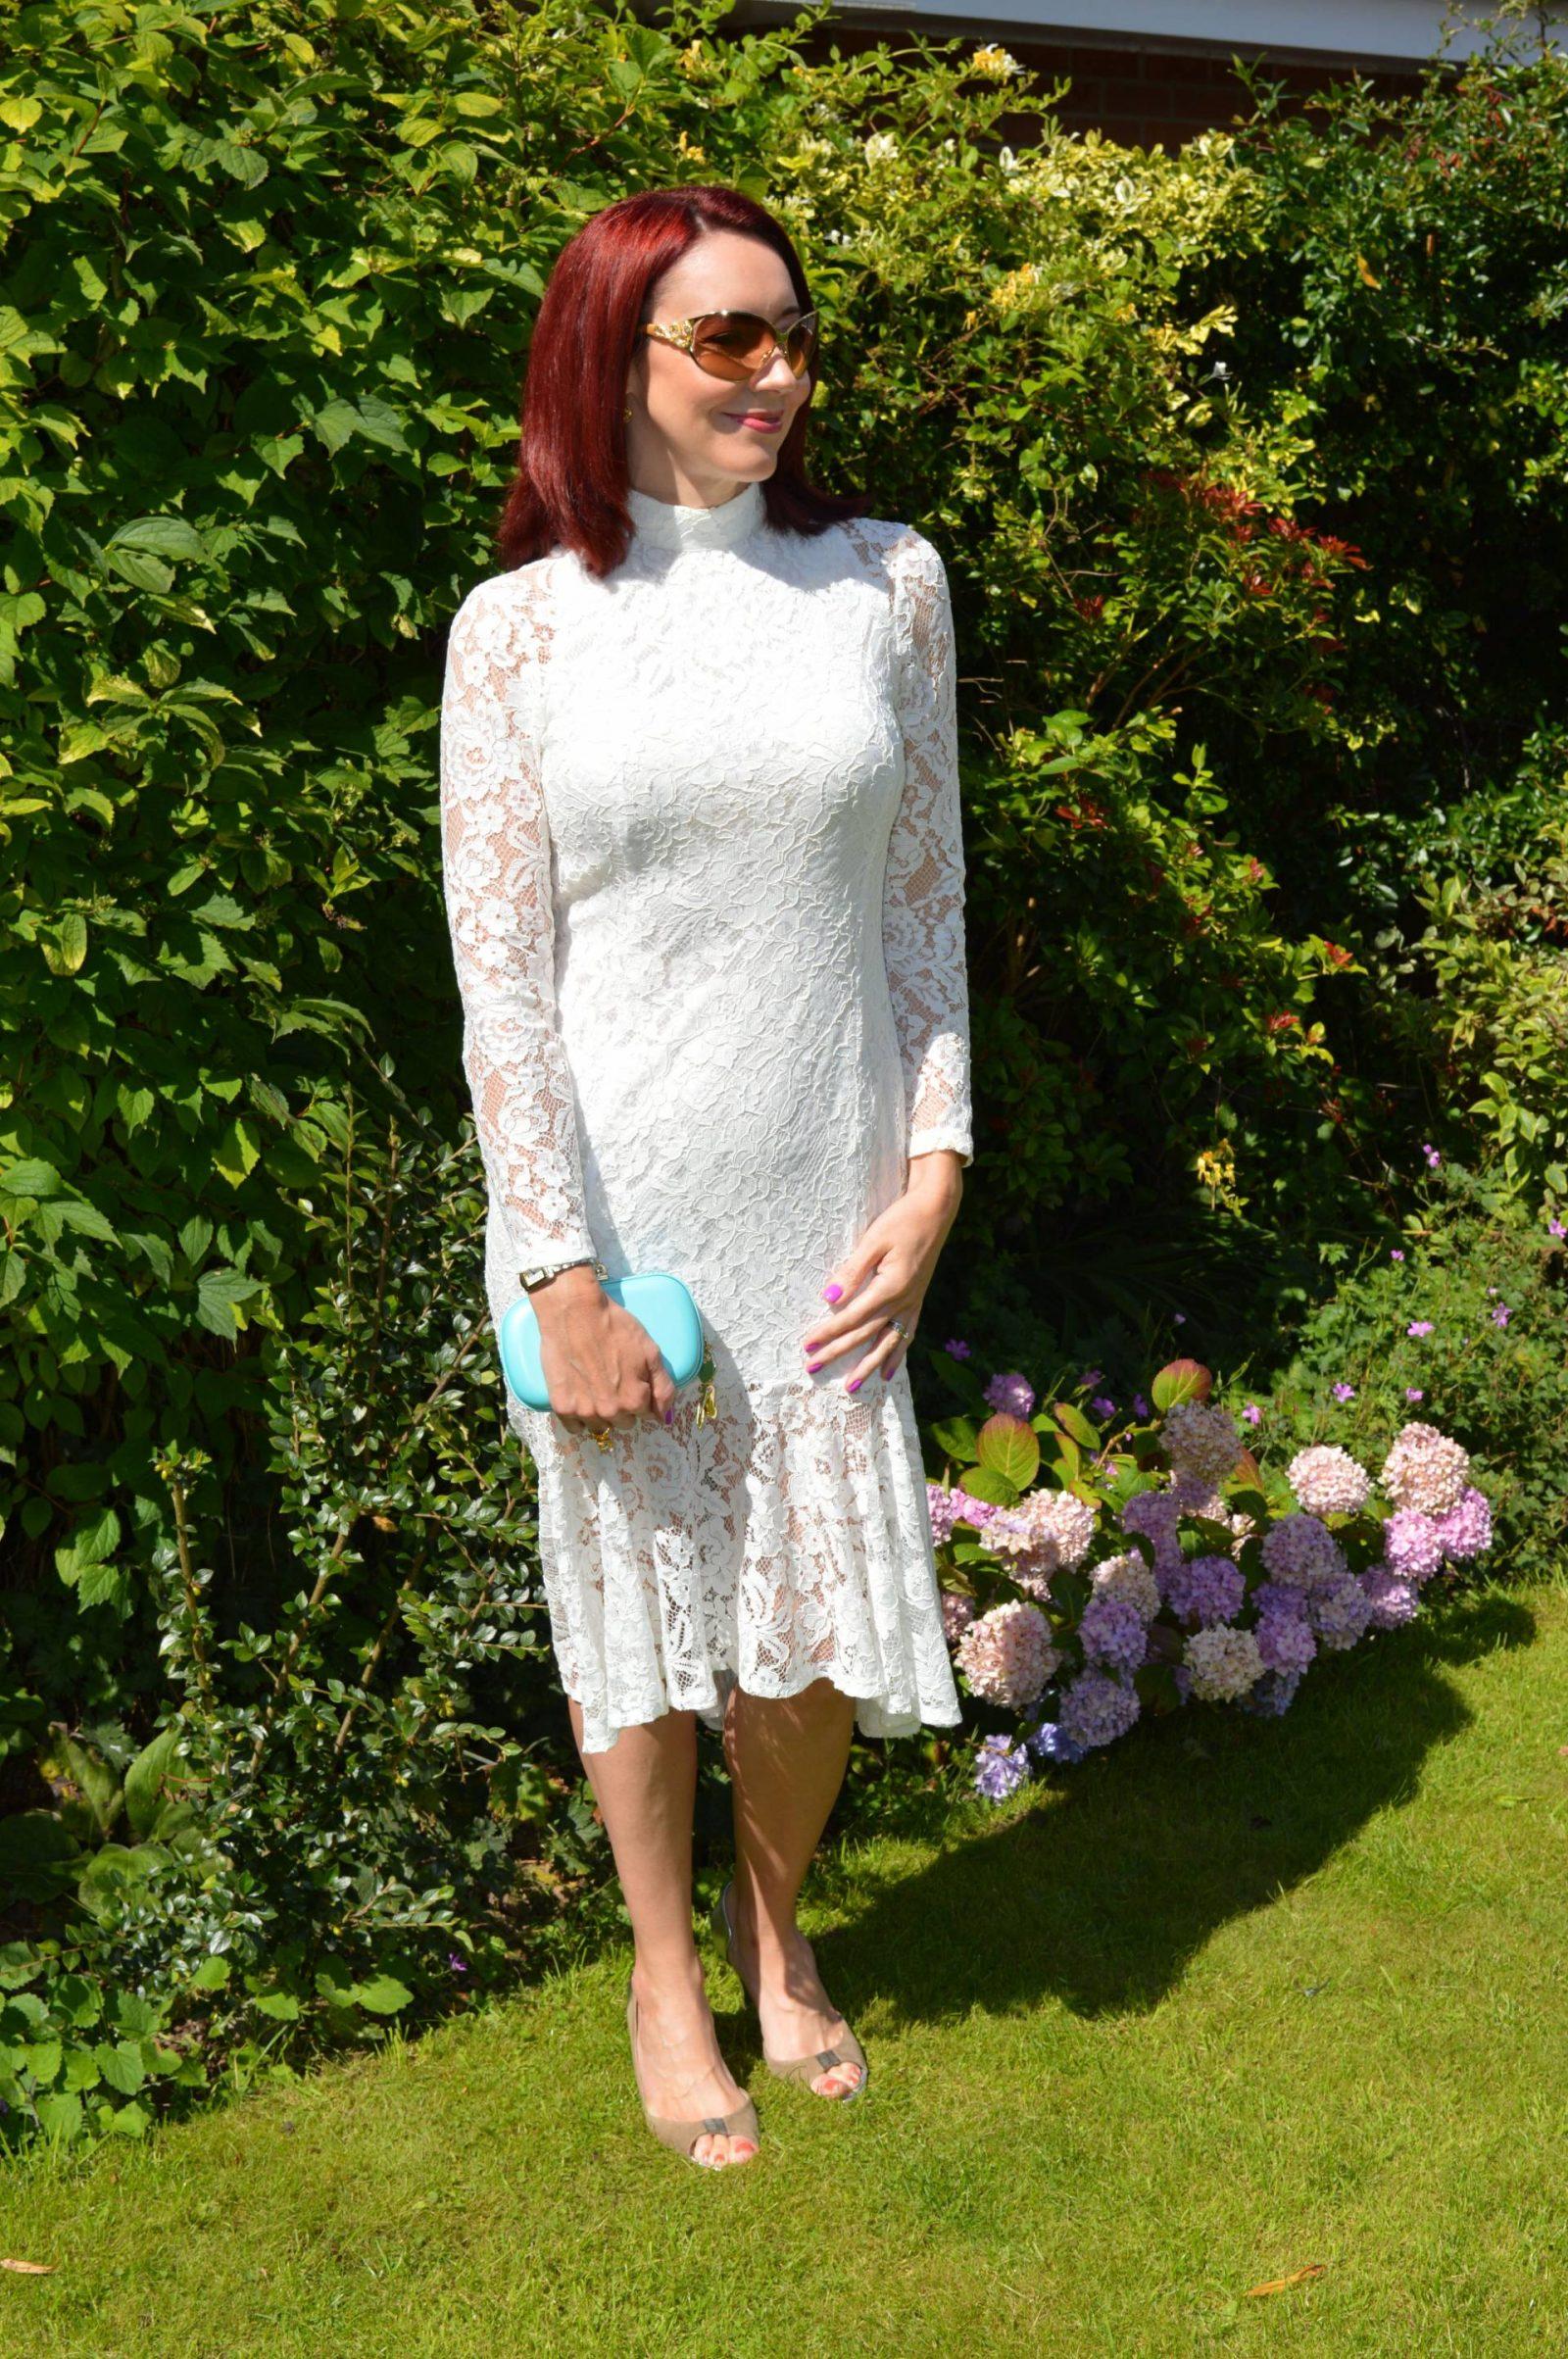 PrettyLittle Thing Ellina white lace fishtail dress Anna Dello Russo H&M clutch bag